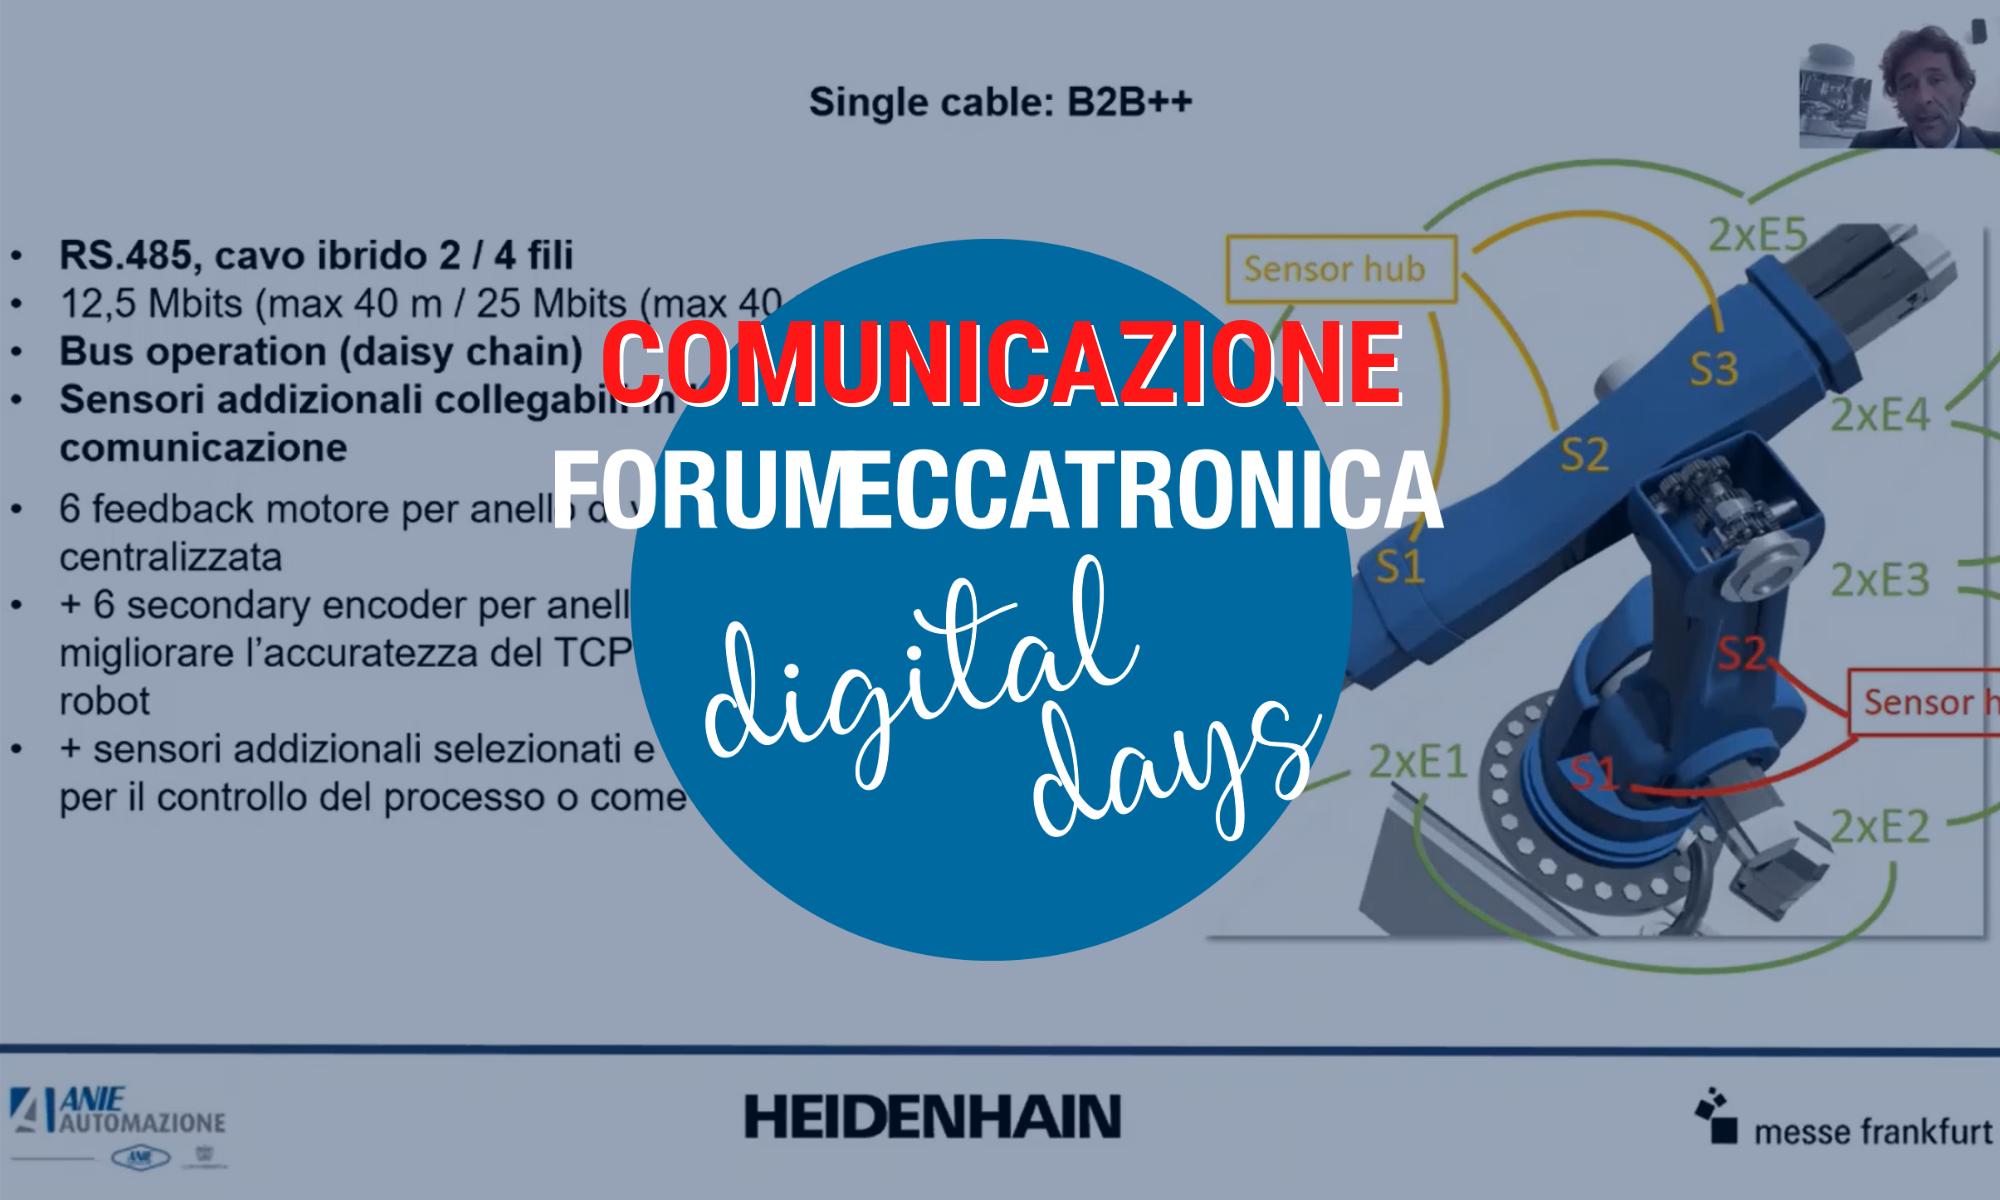 Tecnologia single cable: collegamento multifunzionale a supporto della competitività